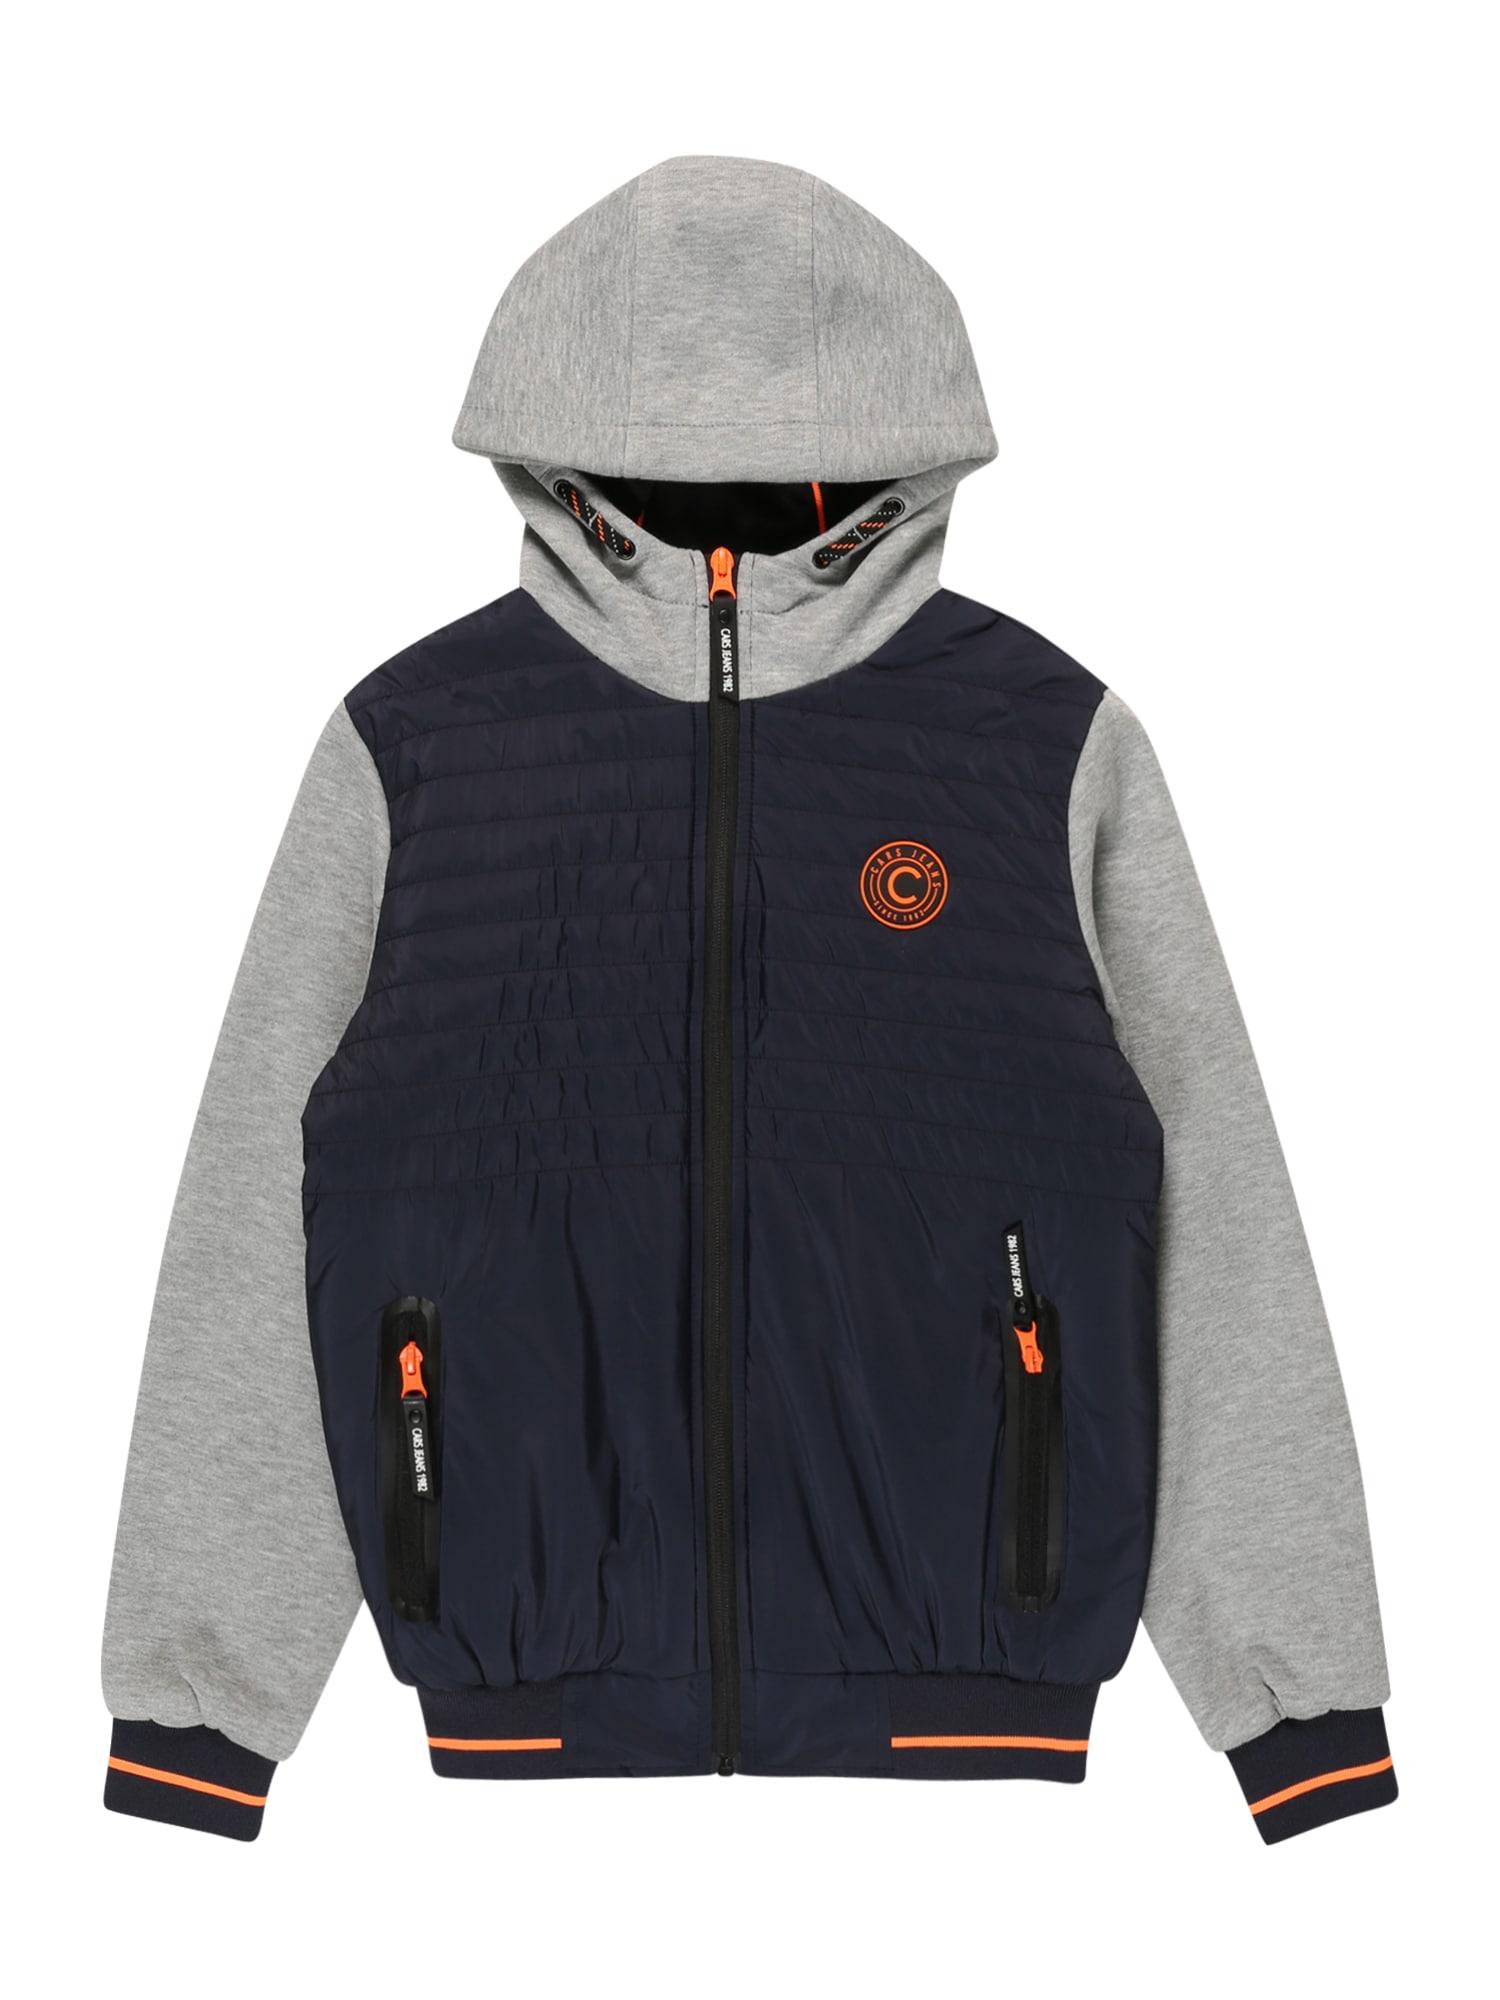 Cars Jeans Demisezoninė striukė 'BANTONY' tamsiai mėlyna / šviesiai pilka / oranžinė